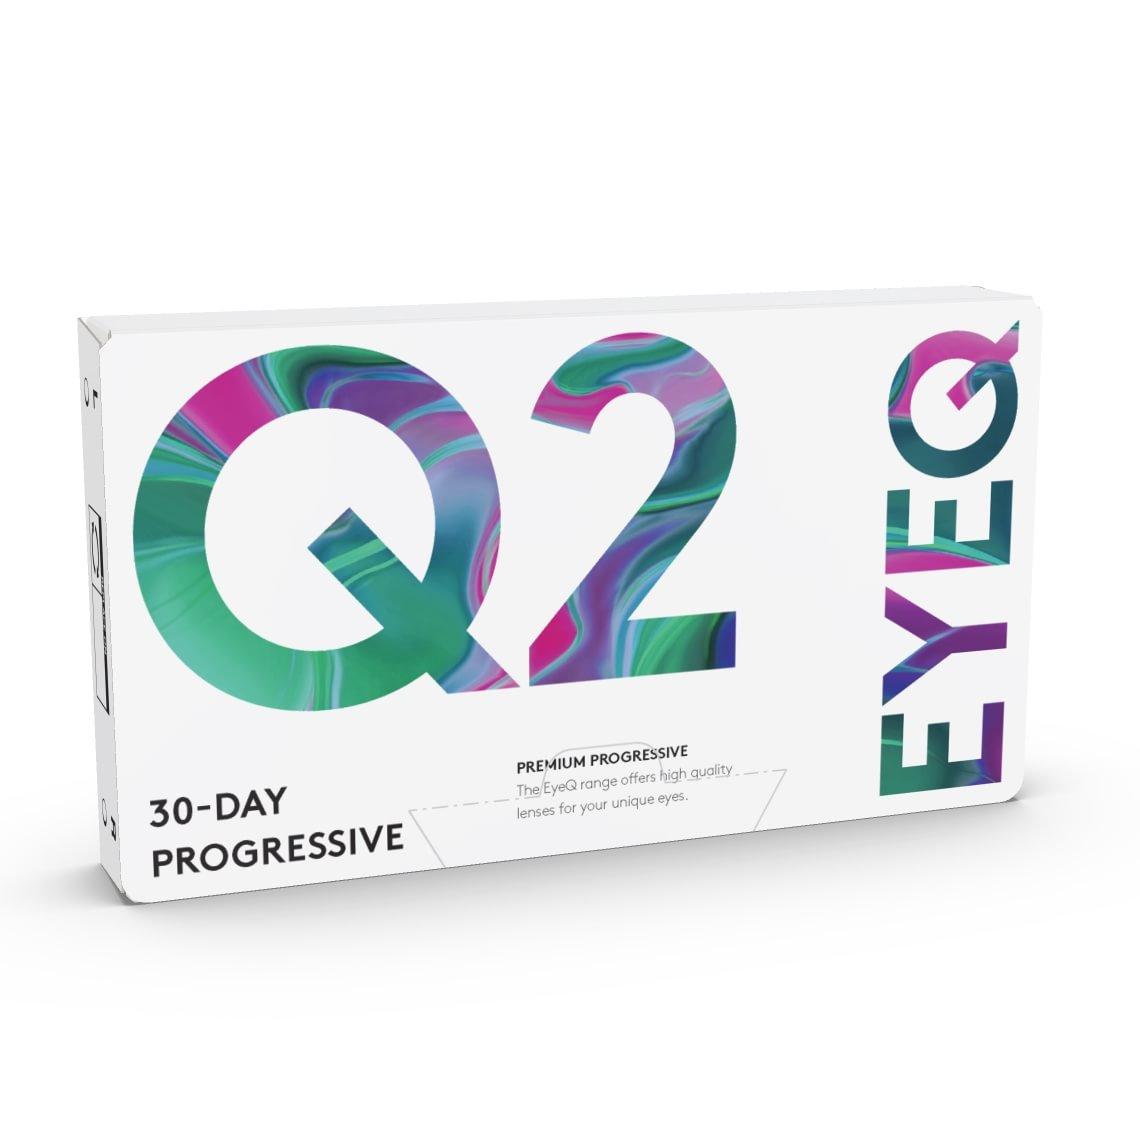 EyeQ Premium Progressive Q2 3 st/box